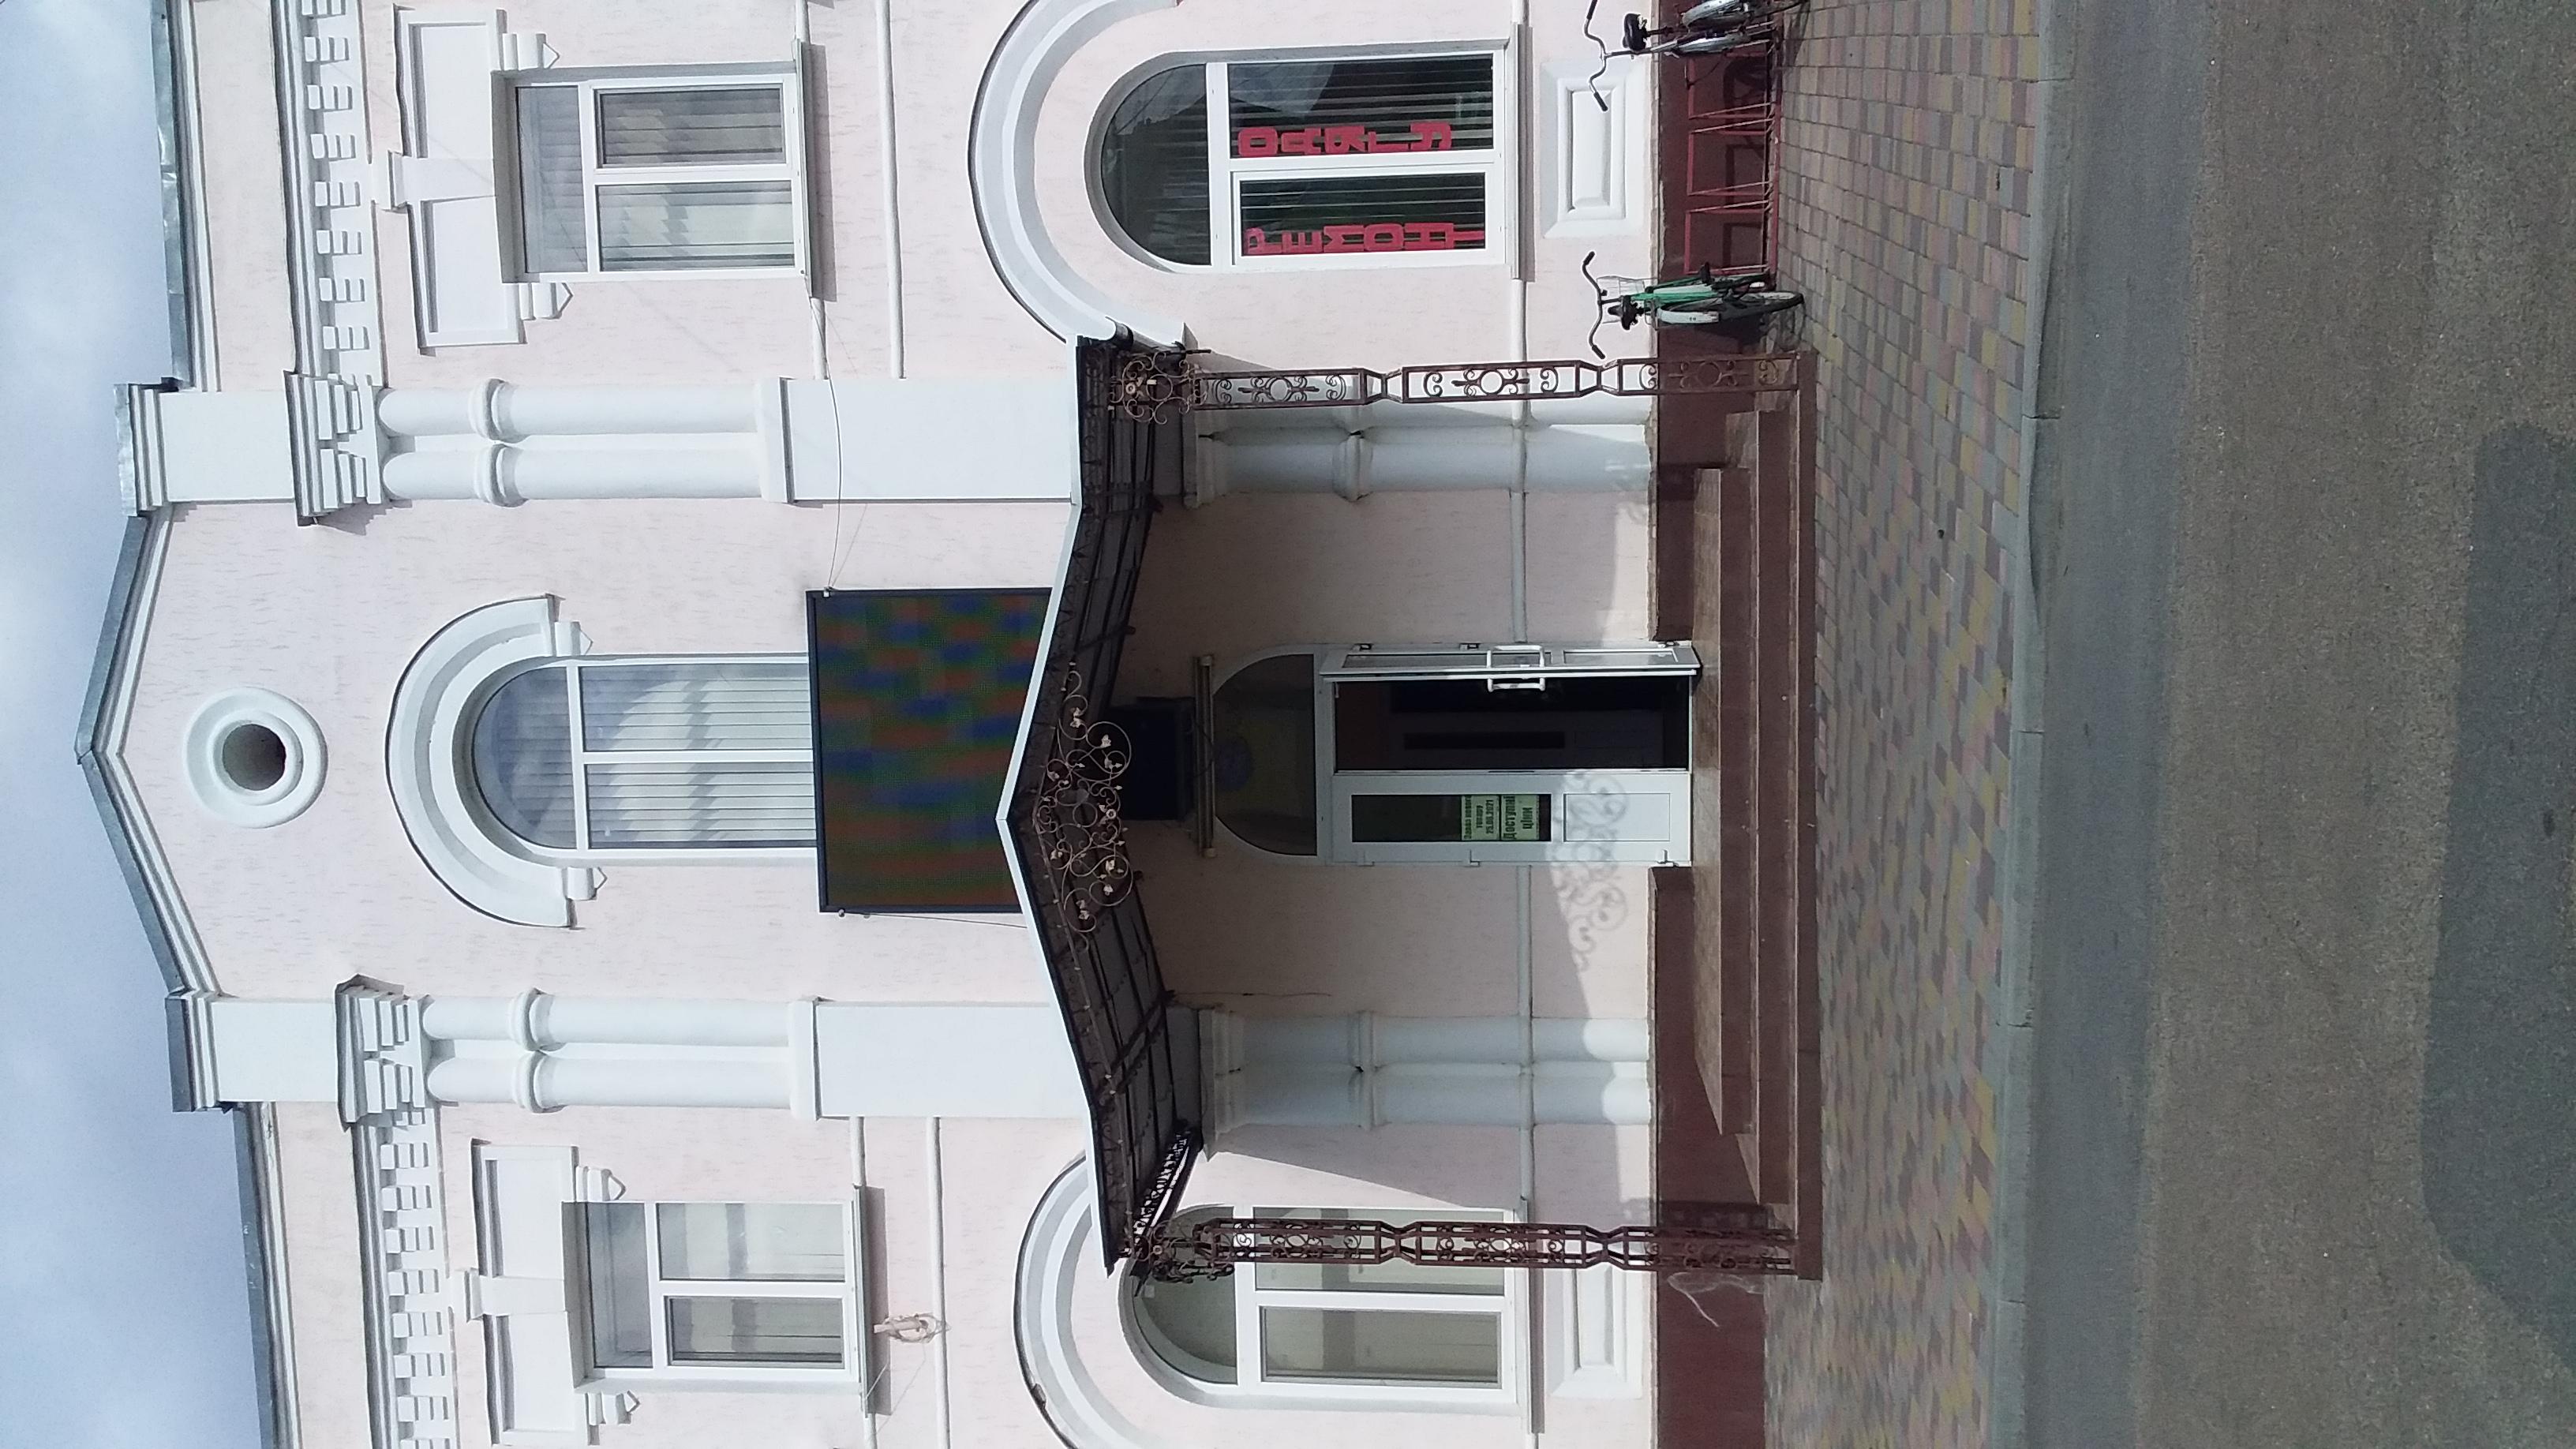 Проведення аукціону з передачі в оренду частини нежитлової адміністративної будівлі, кімнати площею 14,52 м2, І поверх за адресою: вул. Соборна, 8, м. Шпола, Черкаської області